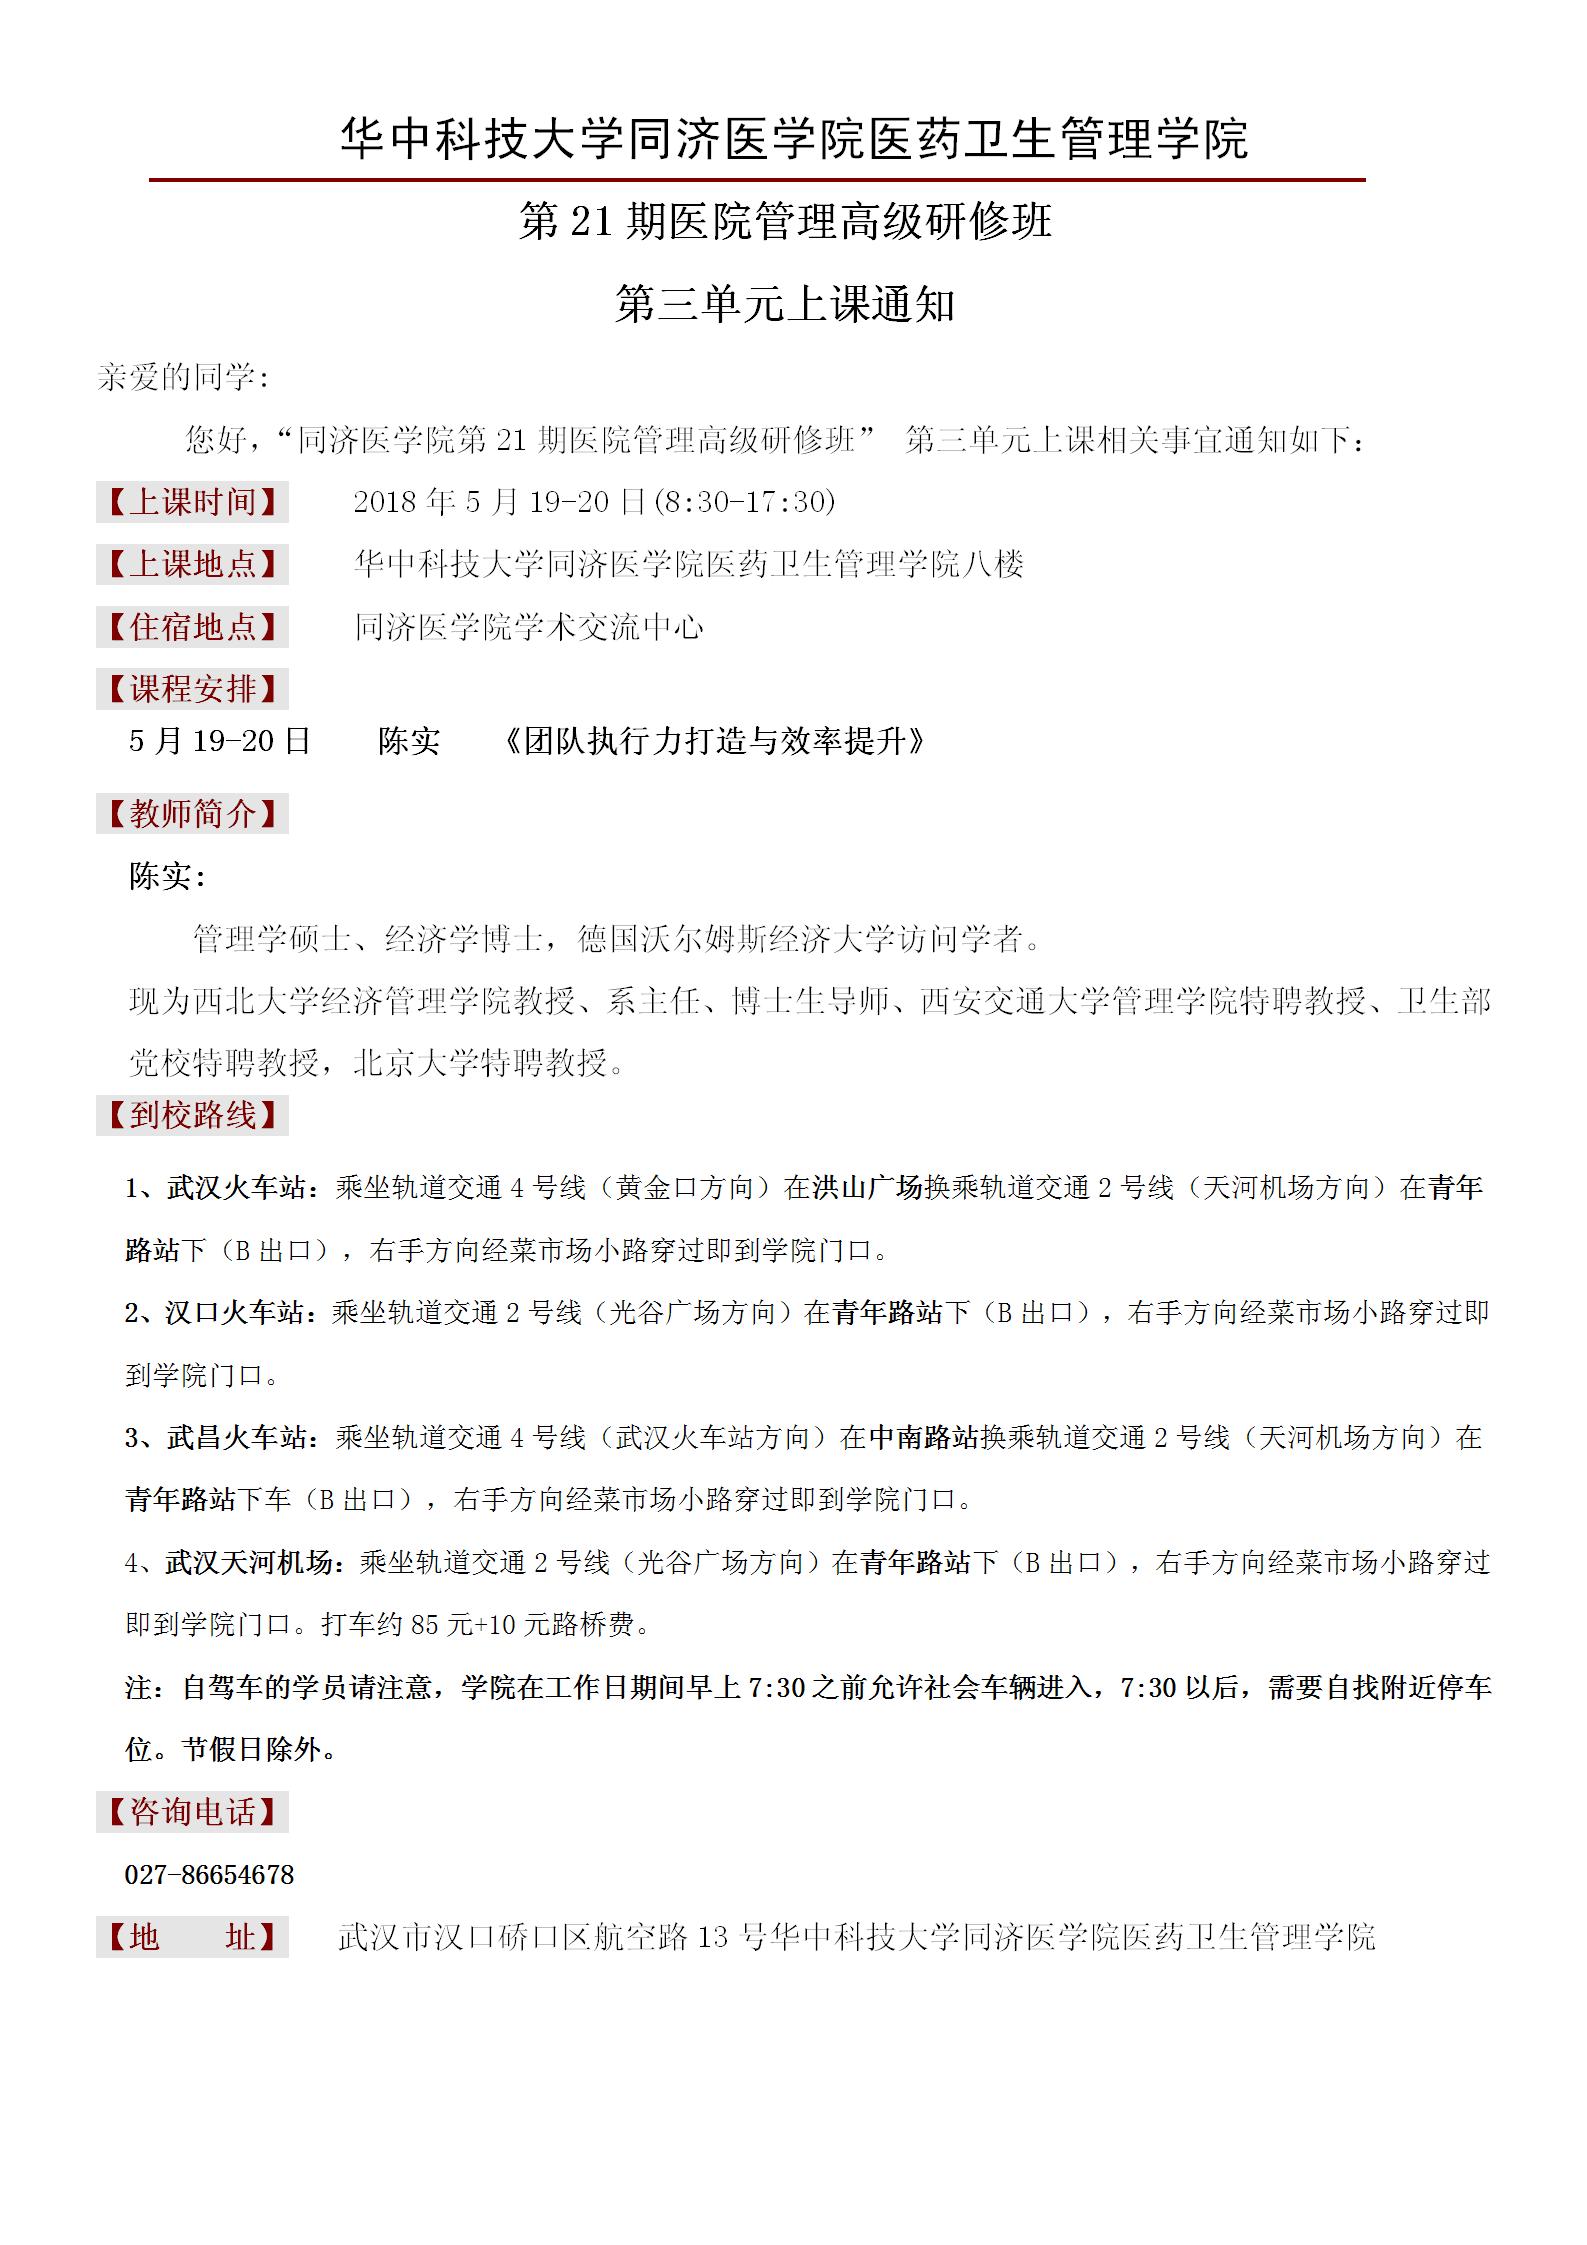 第21期高级研修班第三单元上课通知(确定版)_01.png